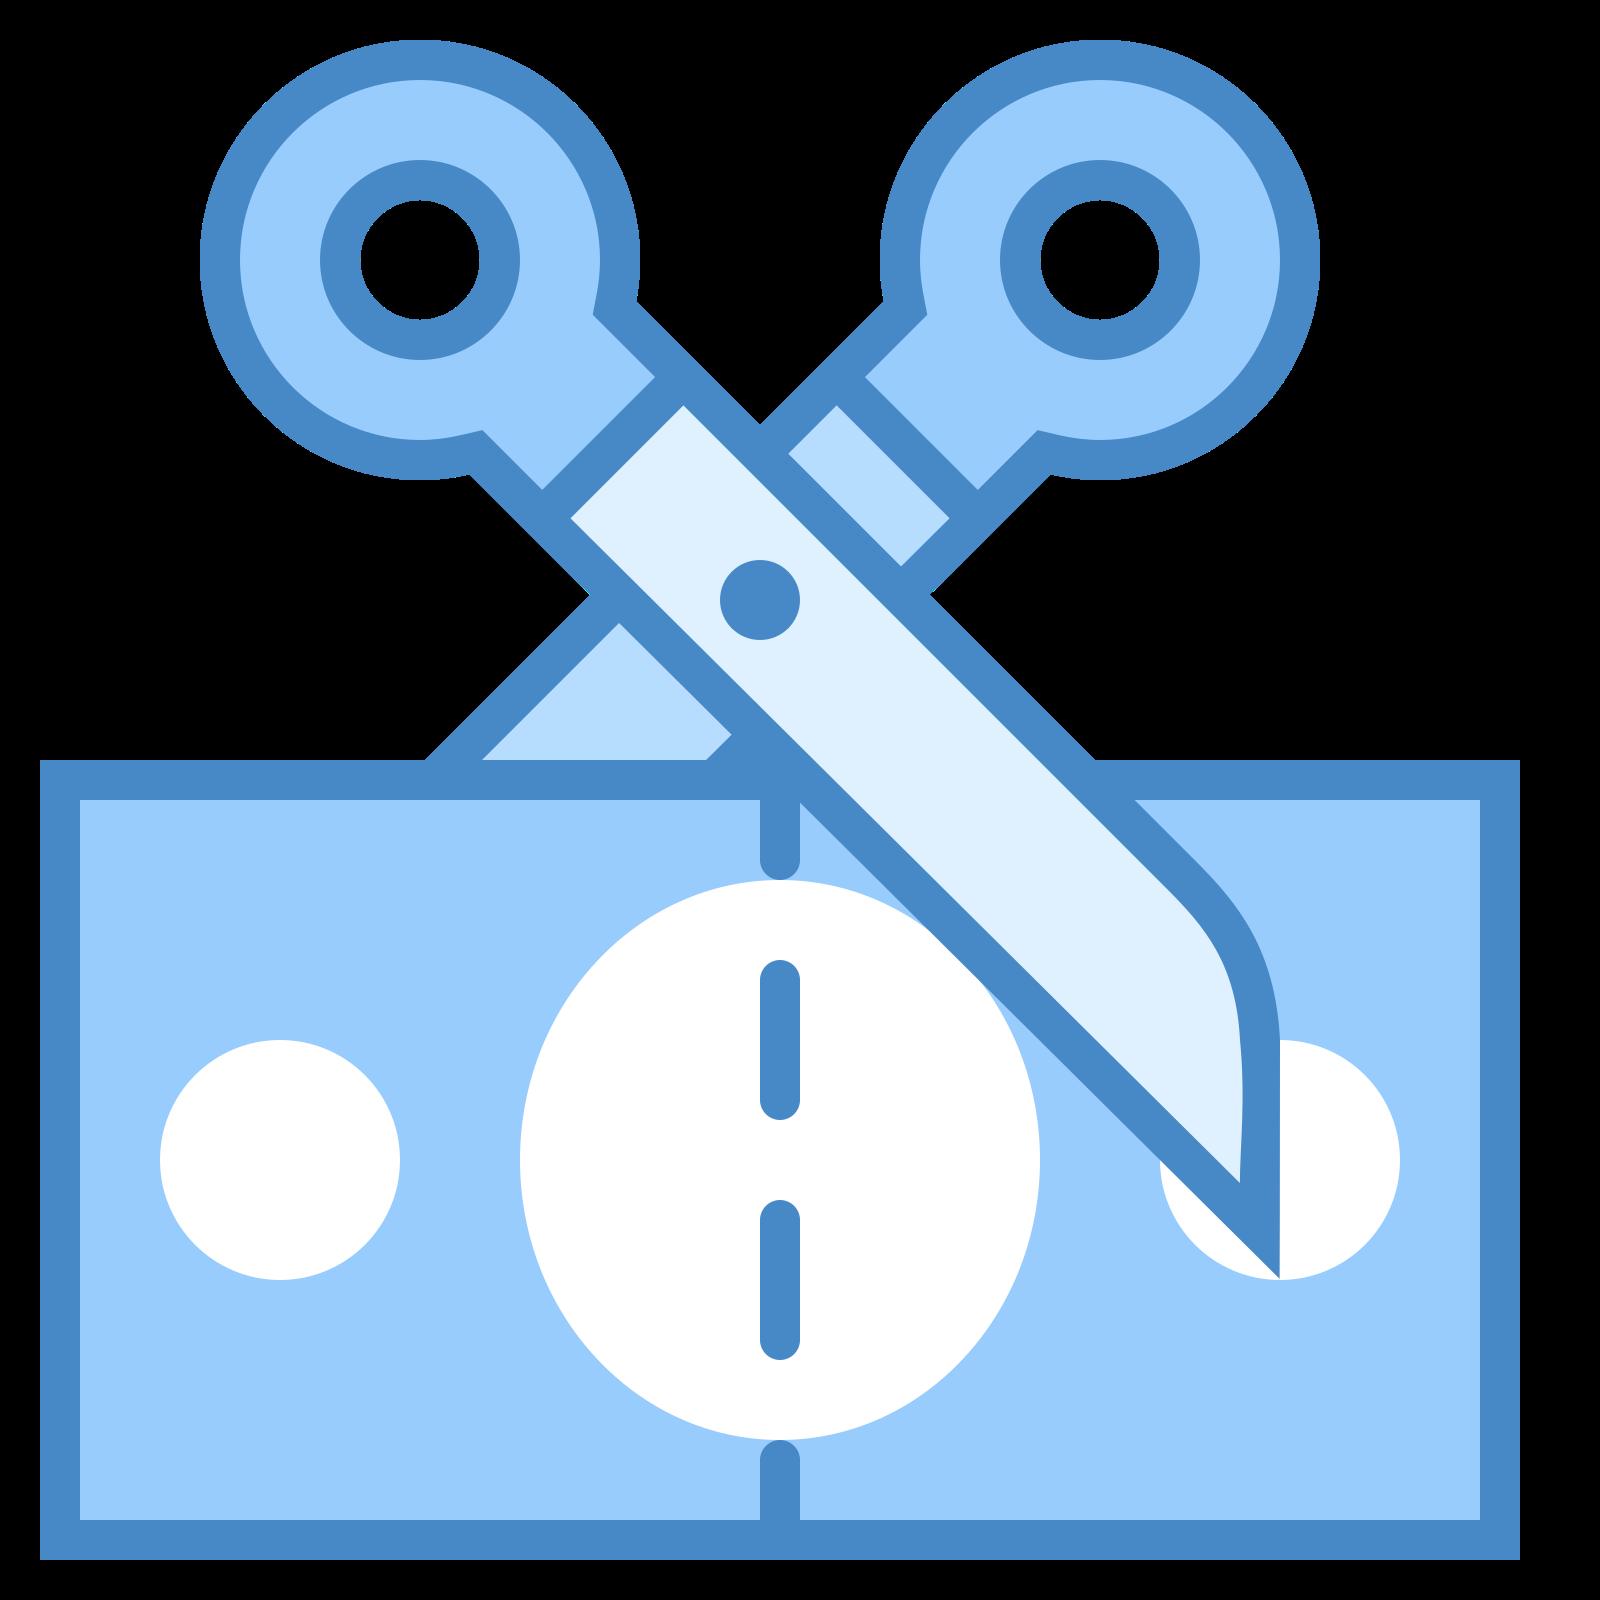 Podatek icon